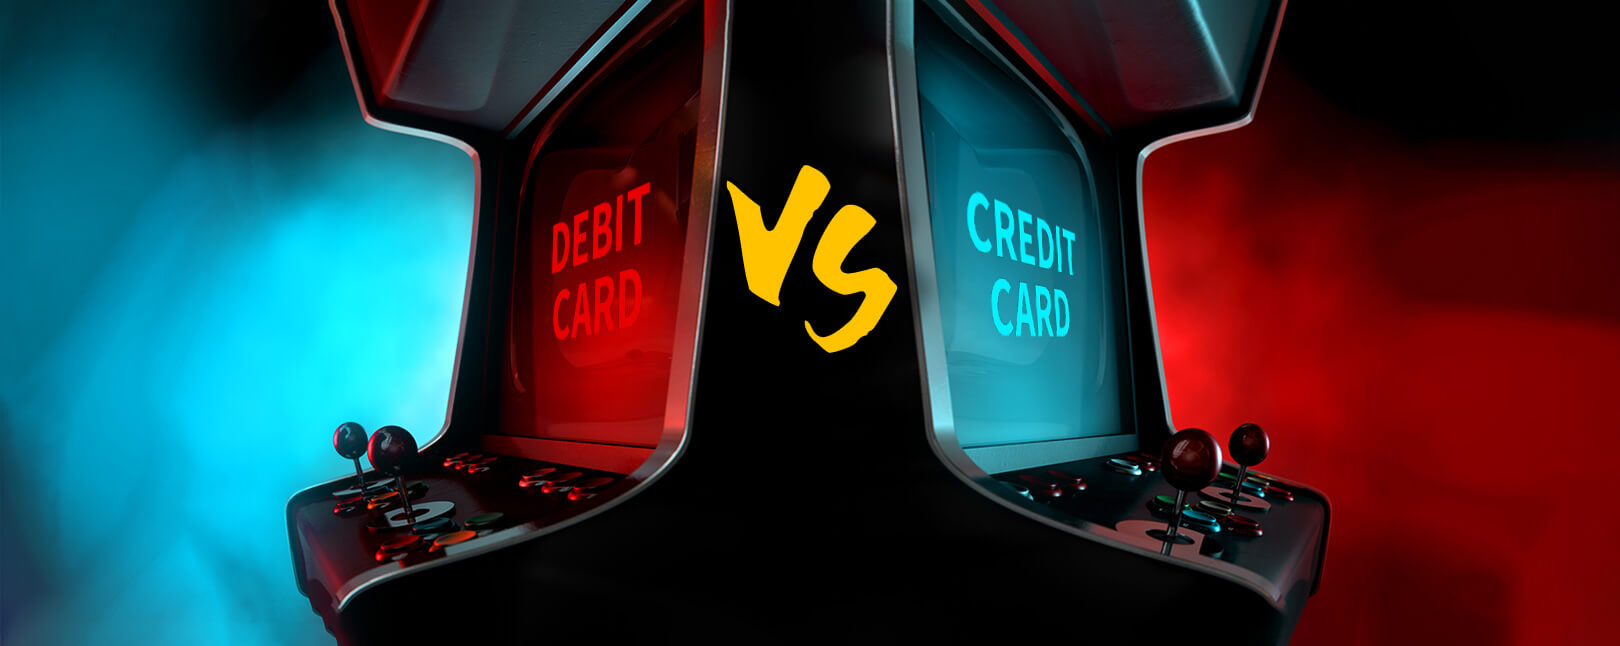 Debit Card Disputes